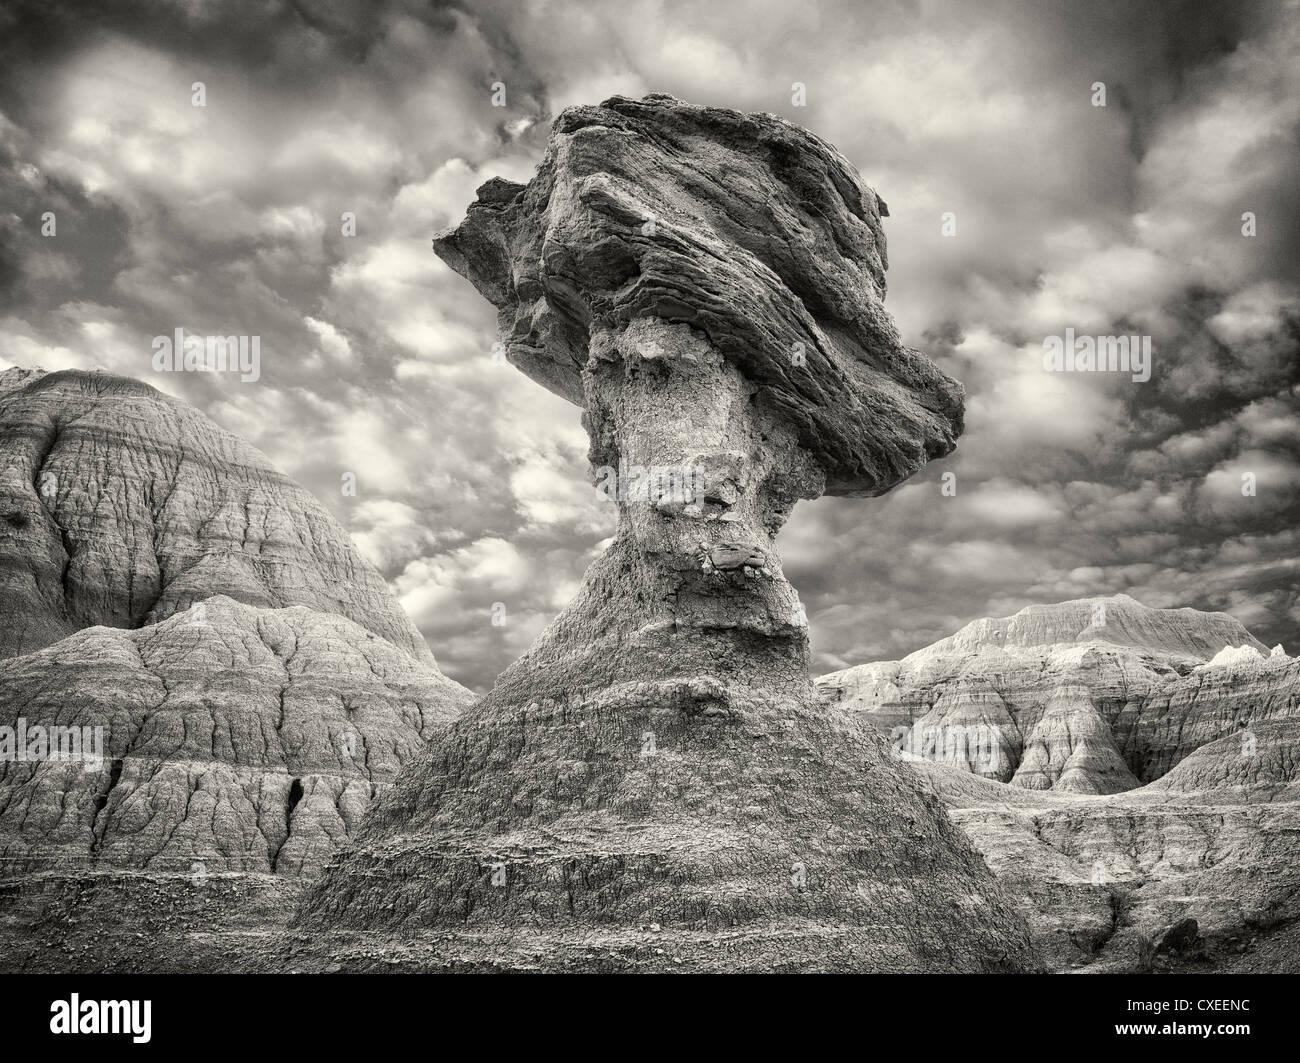 Roccia di bilanciamento. Parco nazionale Badlands. Dakota del Sud Immagini Stock